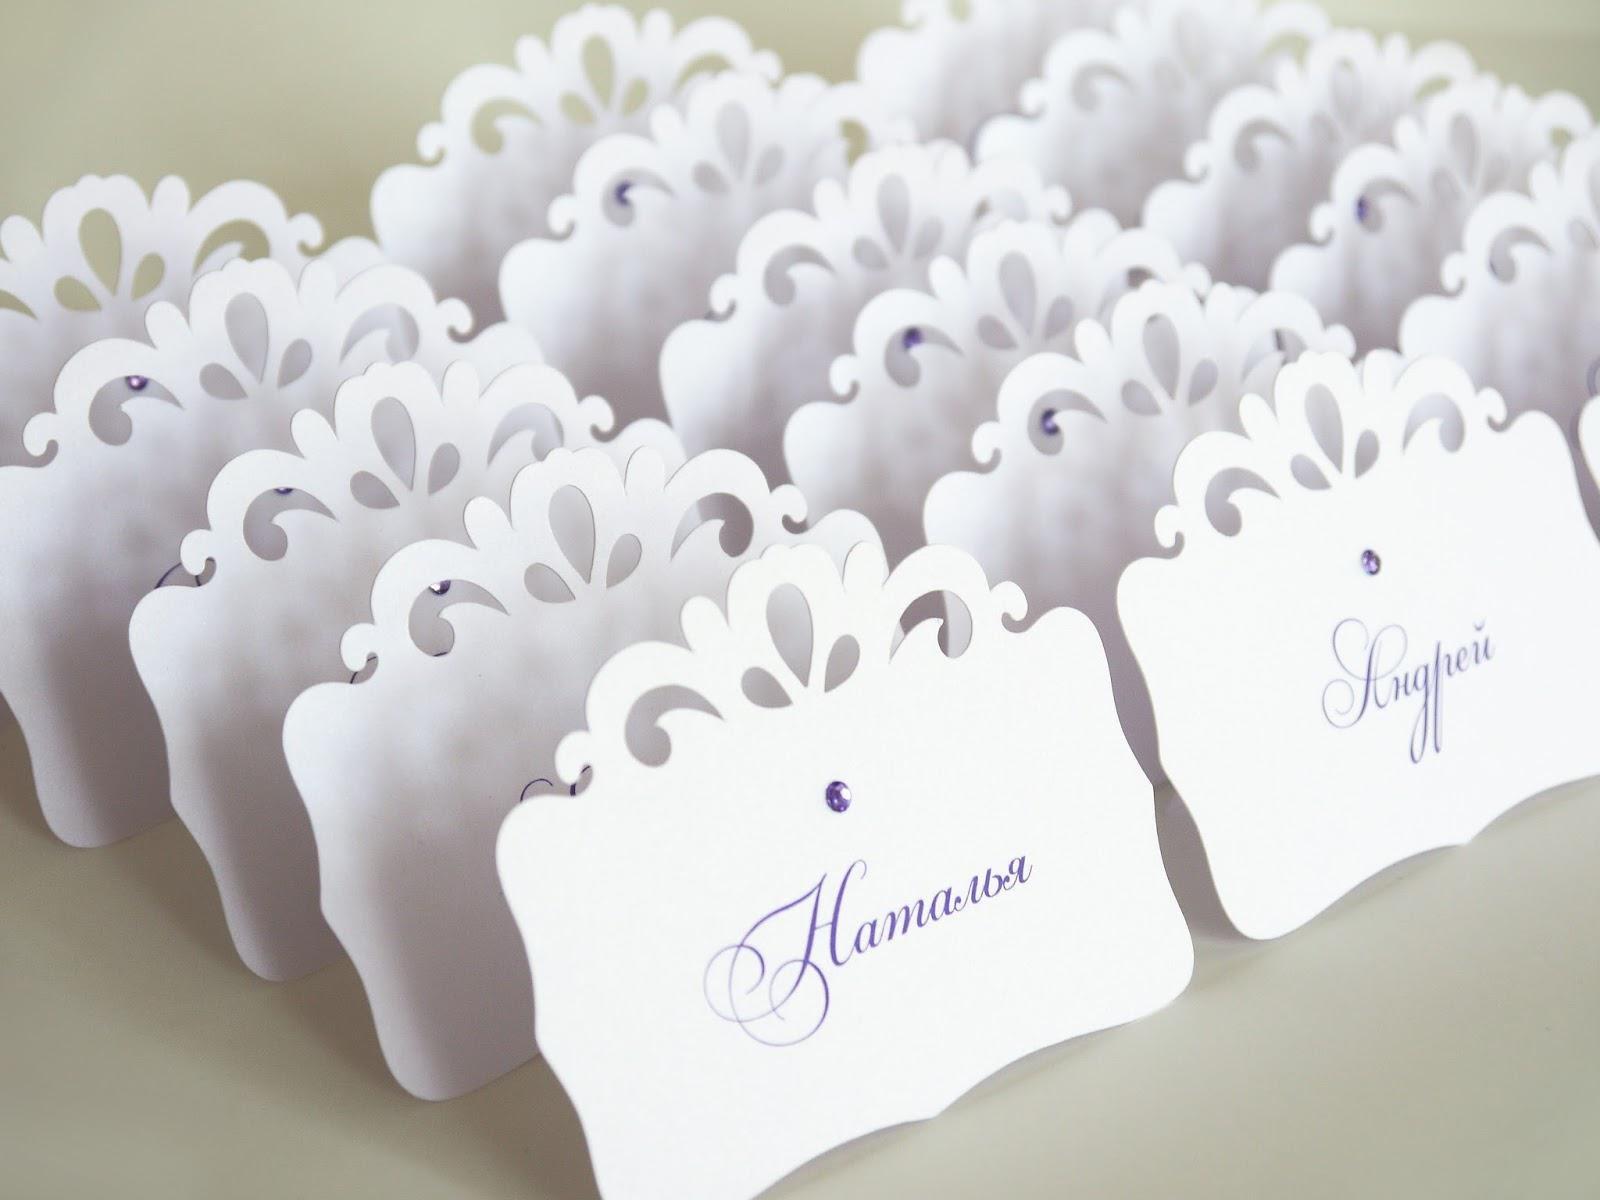 Таблички на свадьбу своими руками